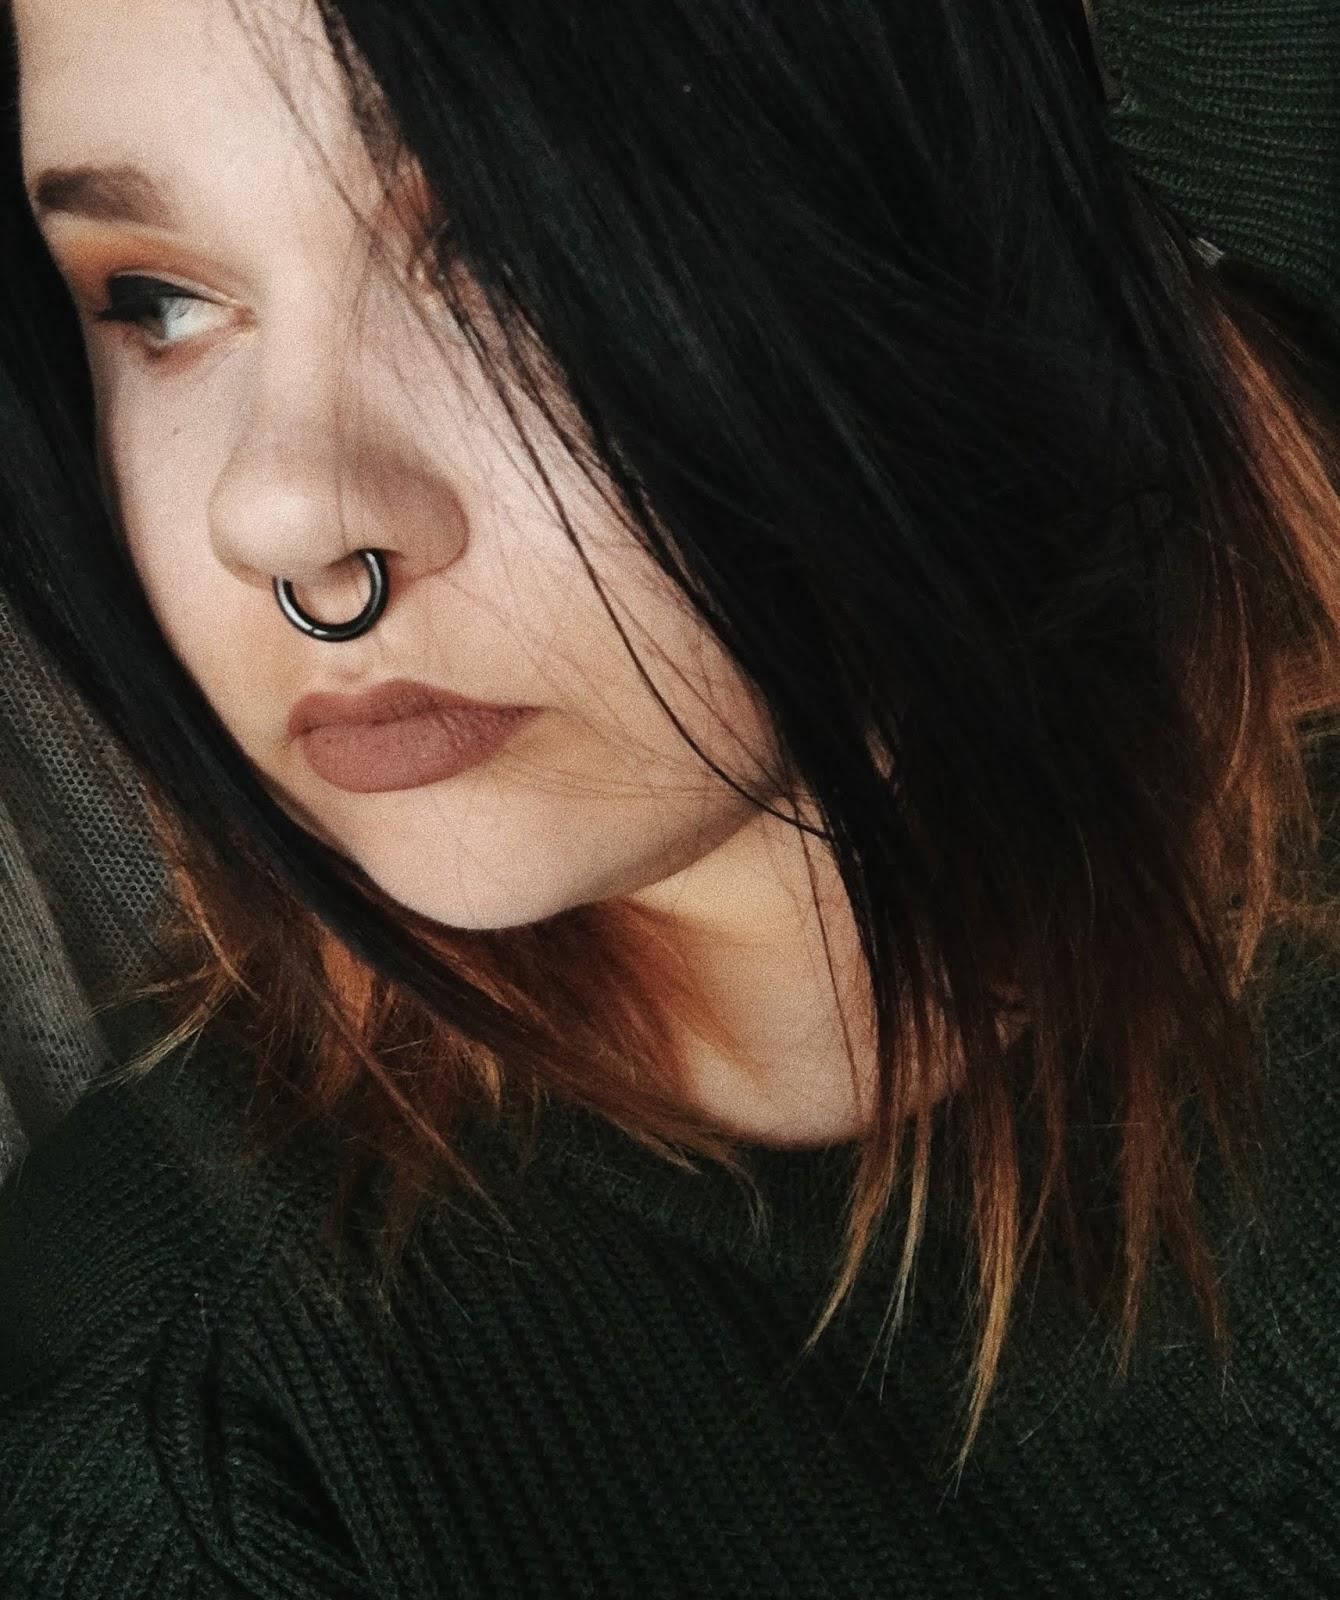 Blogin kirjoittaja; Rue, 24, Helsinki